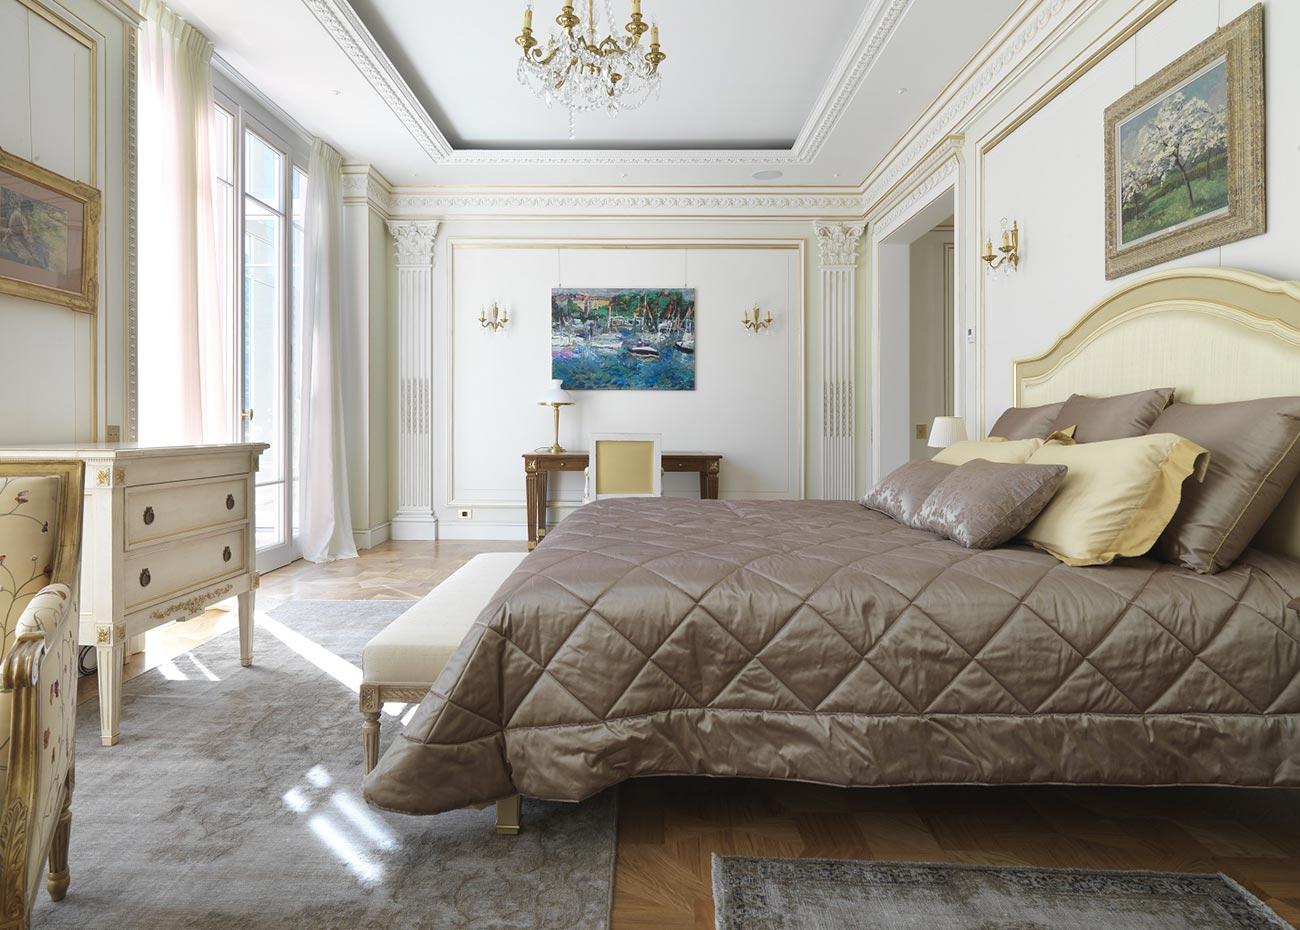 camera-da-letto-marmo-con-intarsi-giallo-iraniano